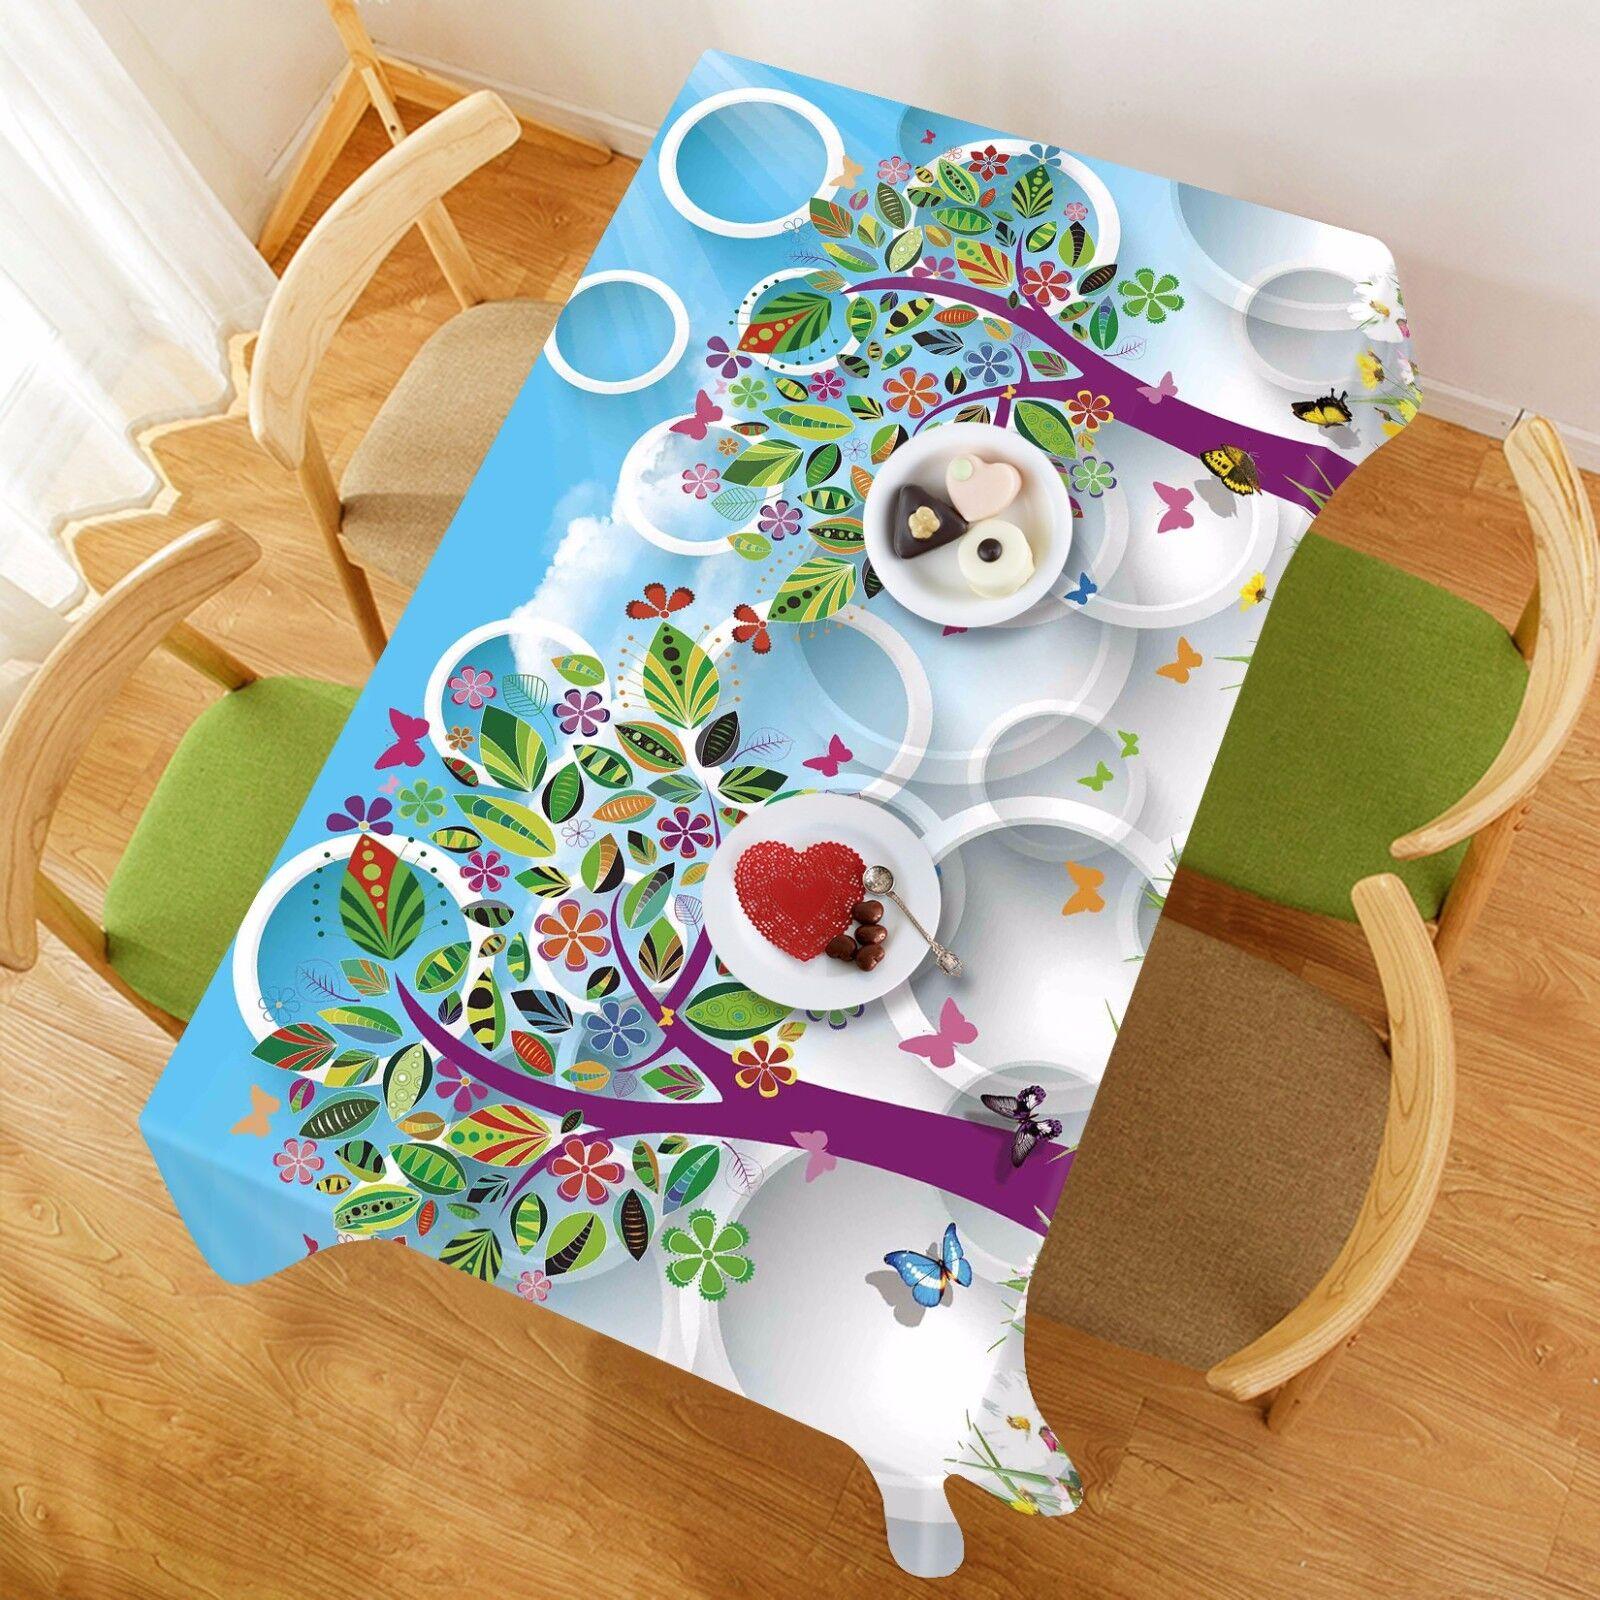 3D Arbres 48 Nappe Table Cover Cloth fête d'anniversaire AJ papier peint Royaume-Uni Citron